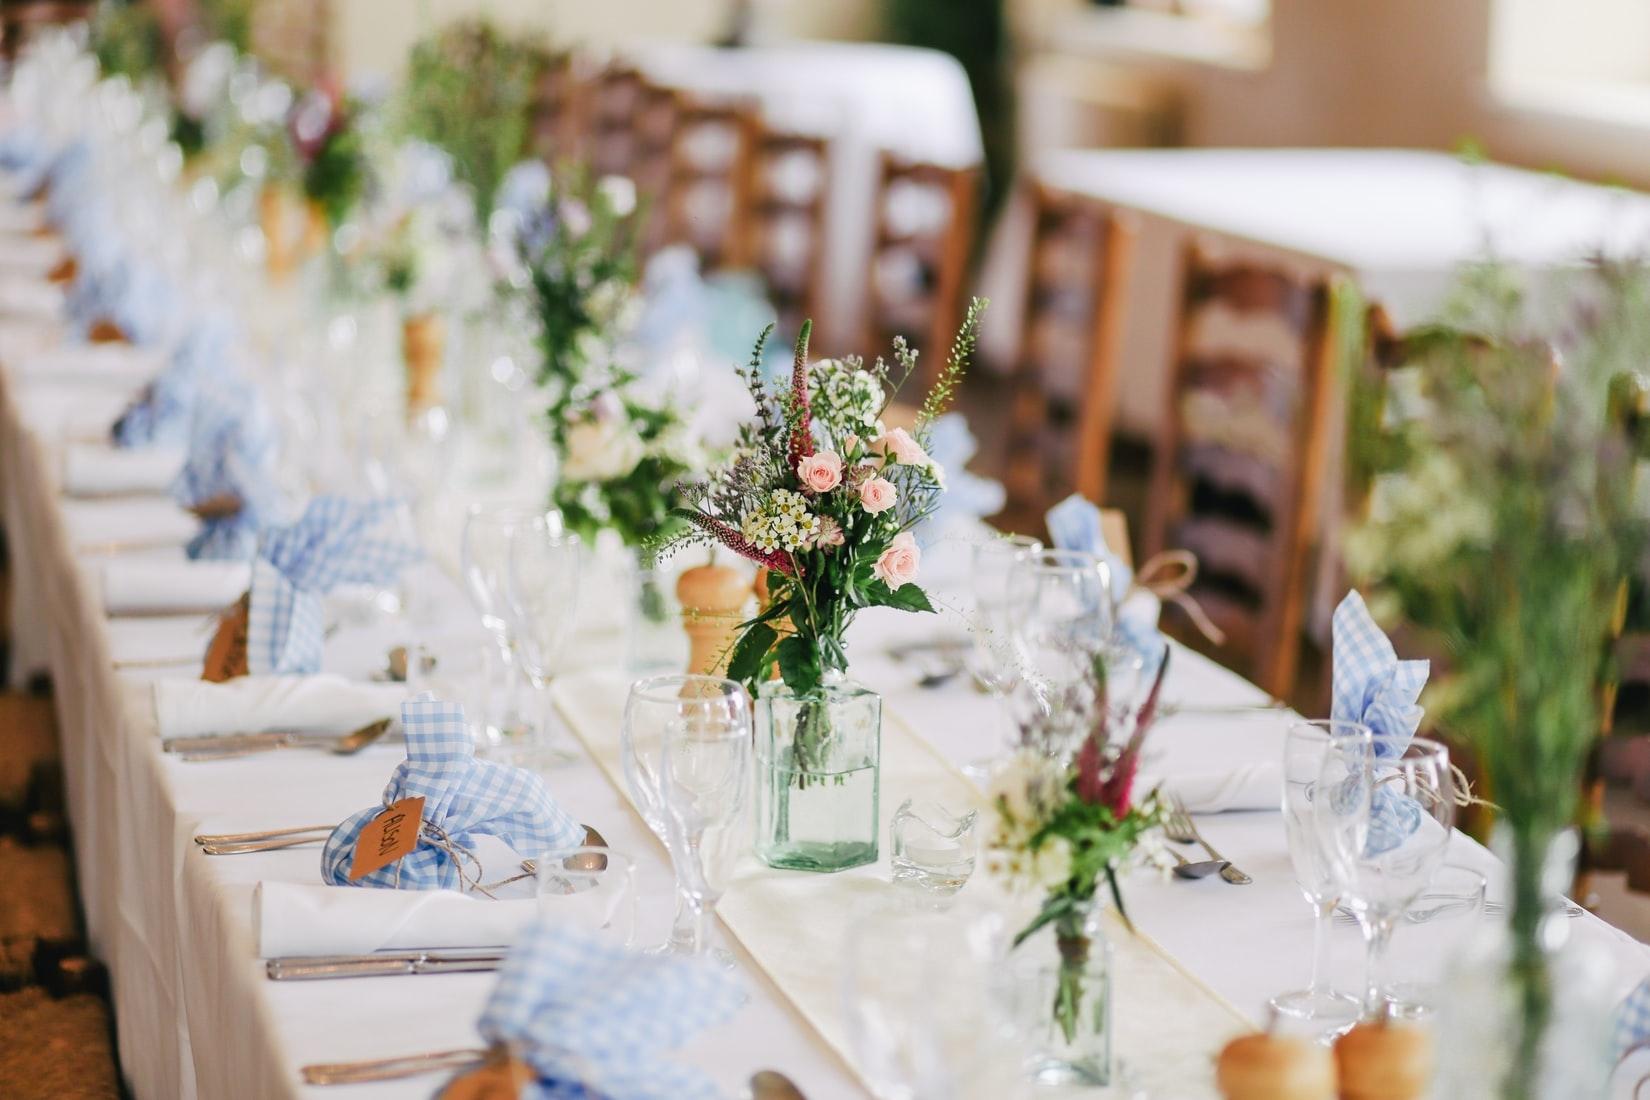 初めて招待された結婚式に緊張!